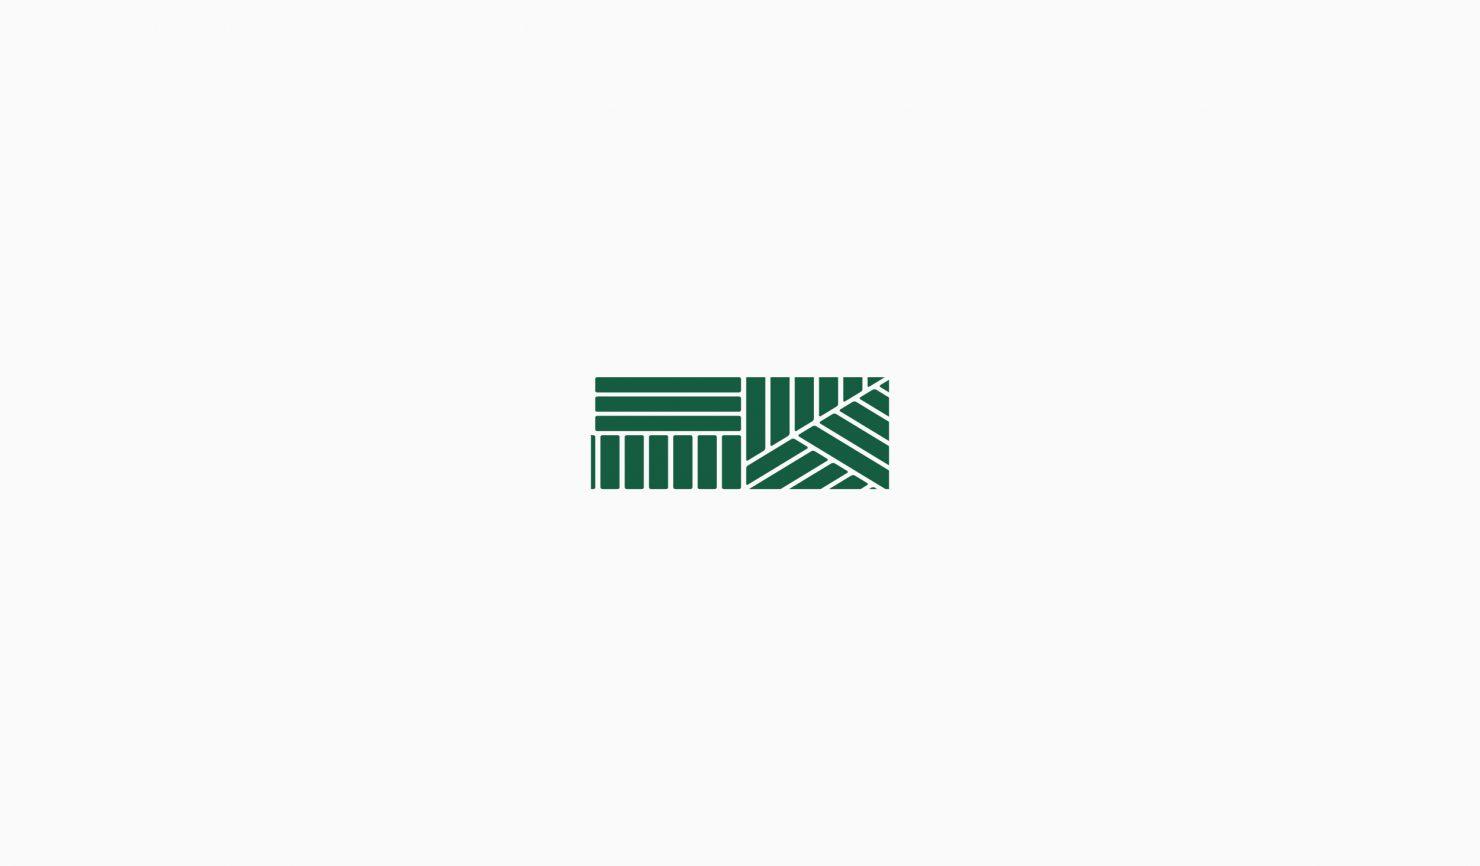 佐藤建業様ロゴデザイン事例2